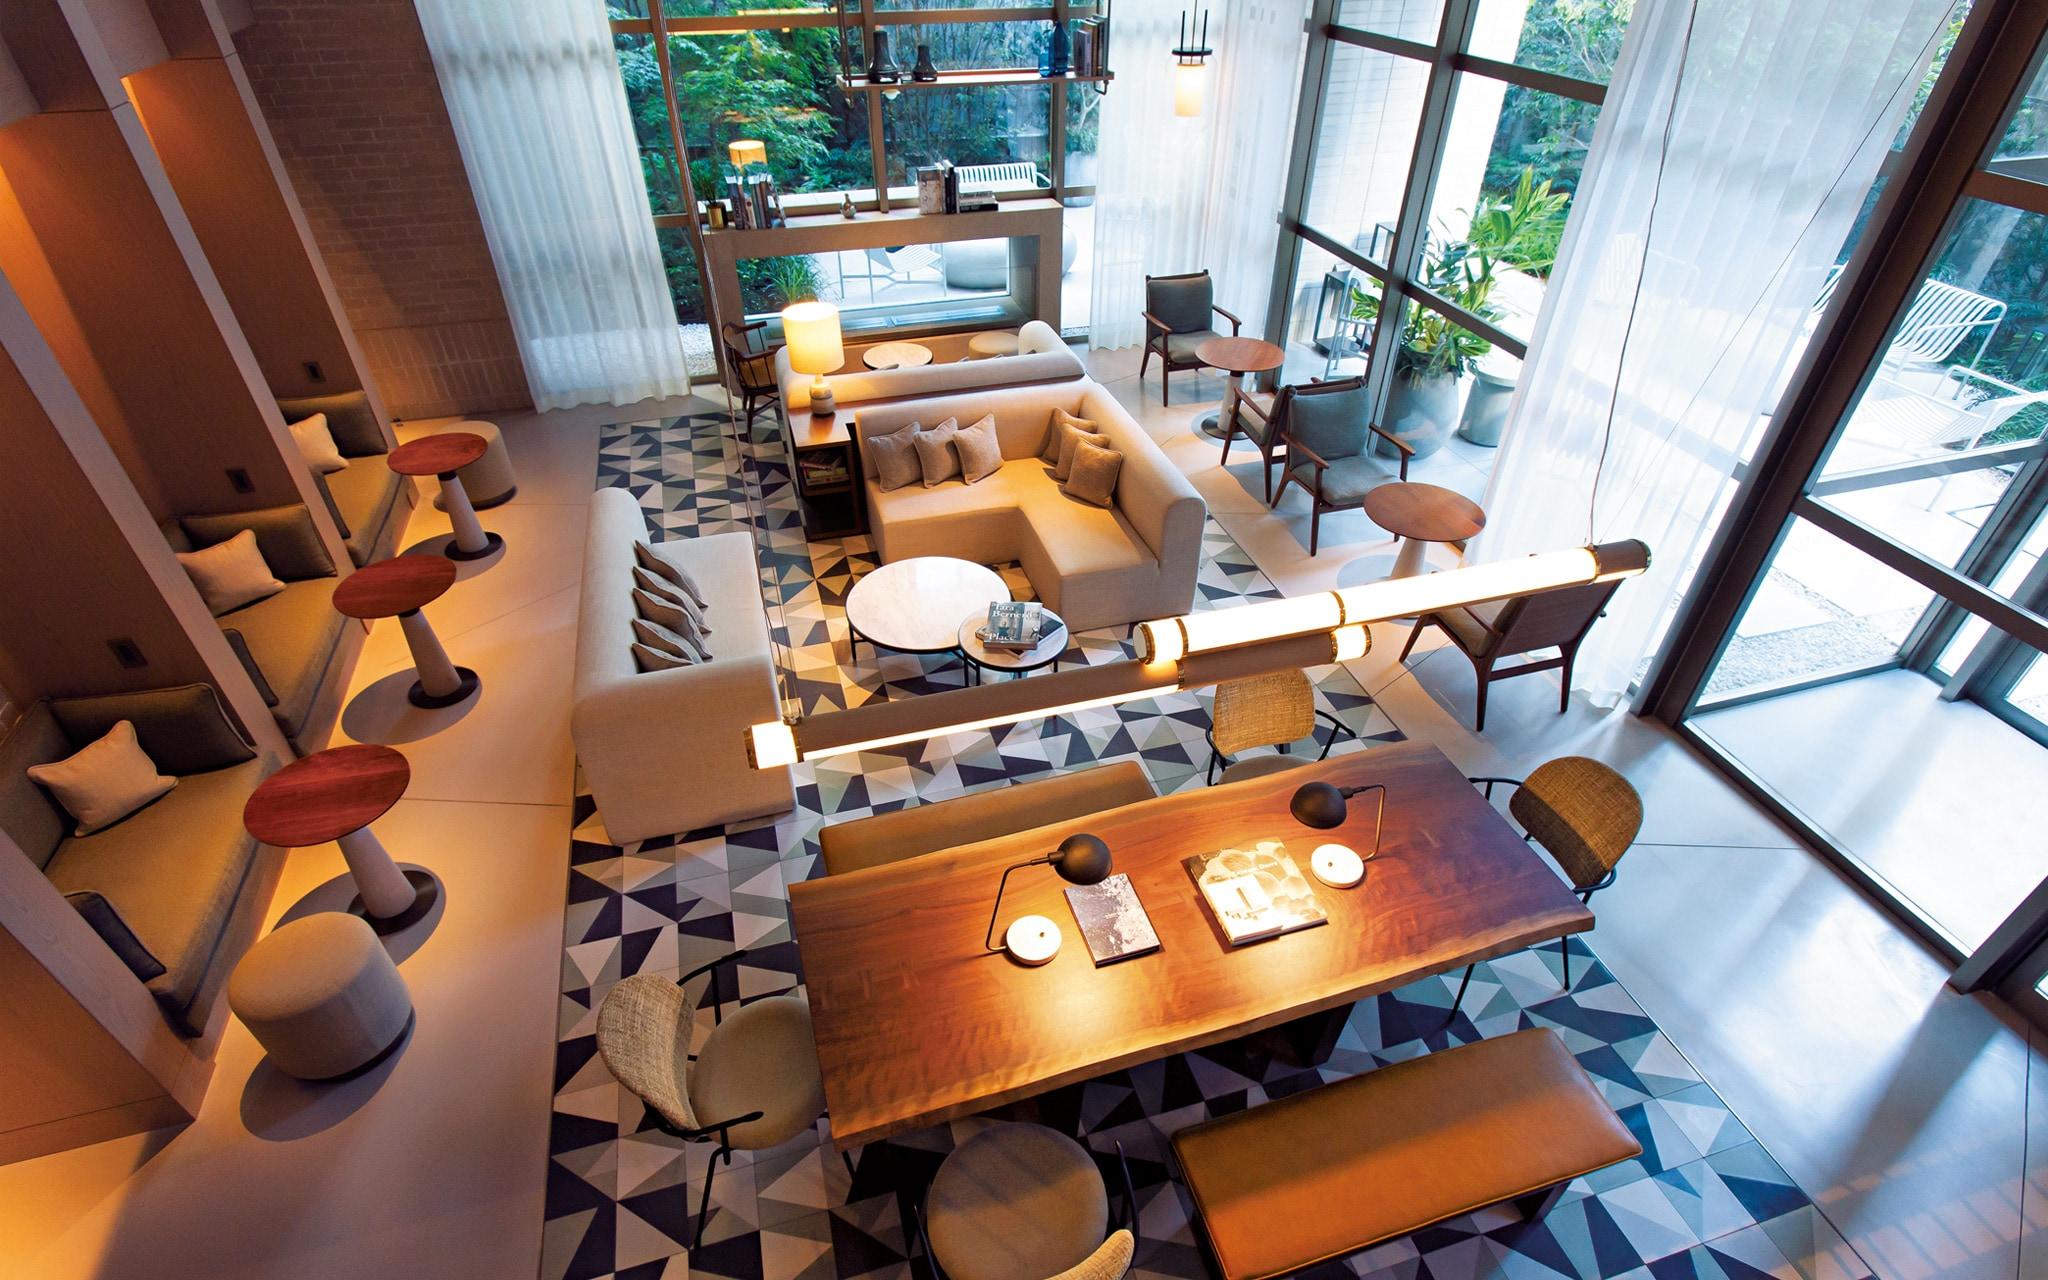 美しきデザインホテル <br />Zentis Osaka <br />ペア宿泊券をプレゼント